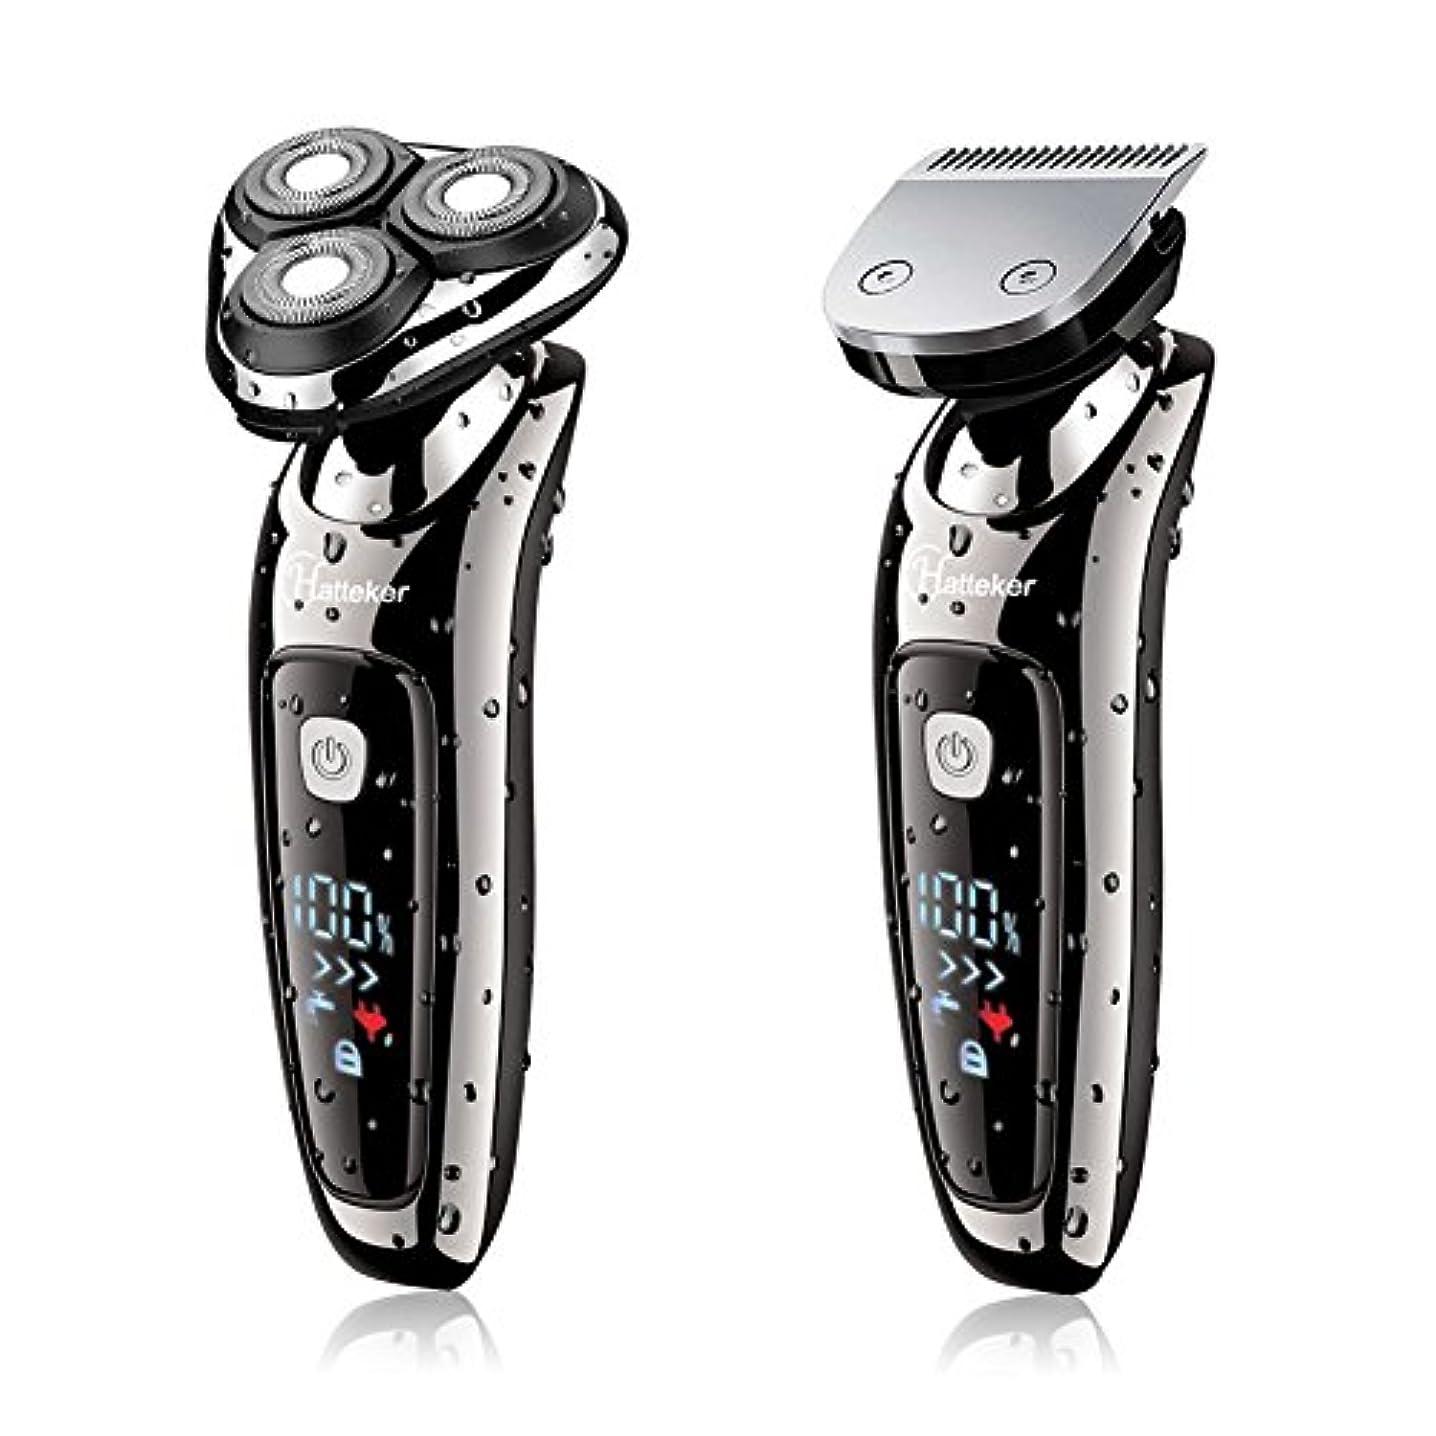 スプレーりんご思い出HATTEKER 電気シェーバー メンズ ひげ剃り充電式·交流式 バリカン/ヒゲ トリマーヘッド付き LEDディスプレイ 水洗いOK